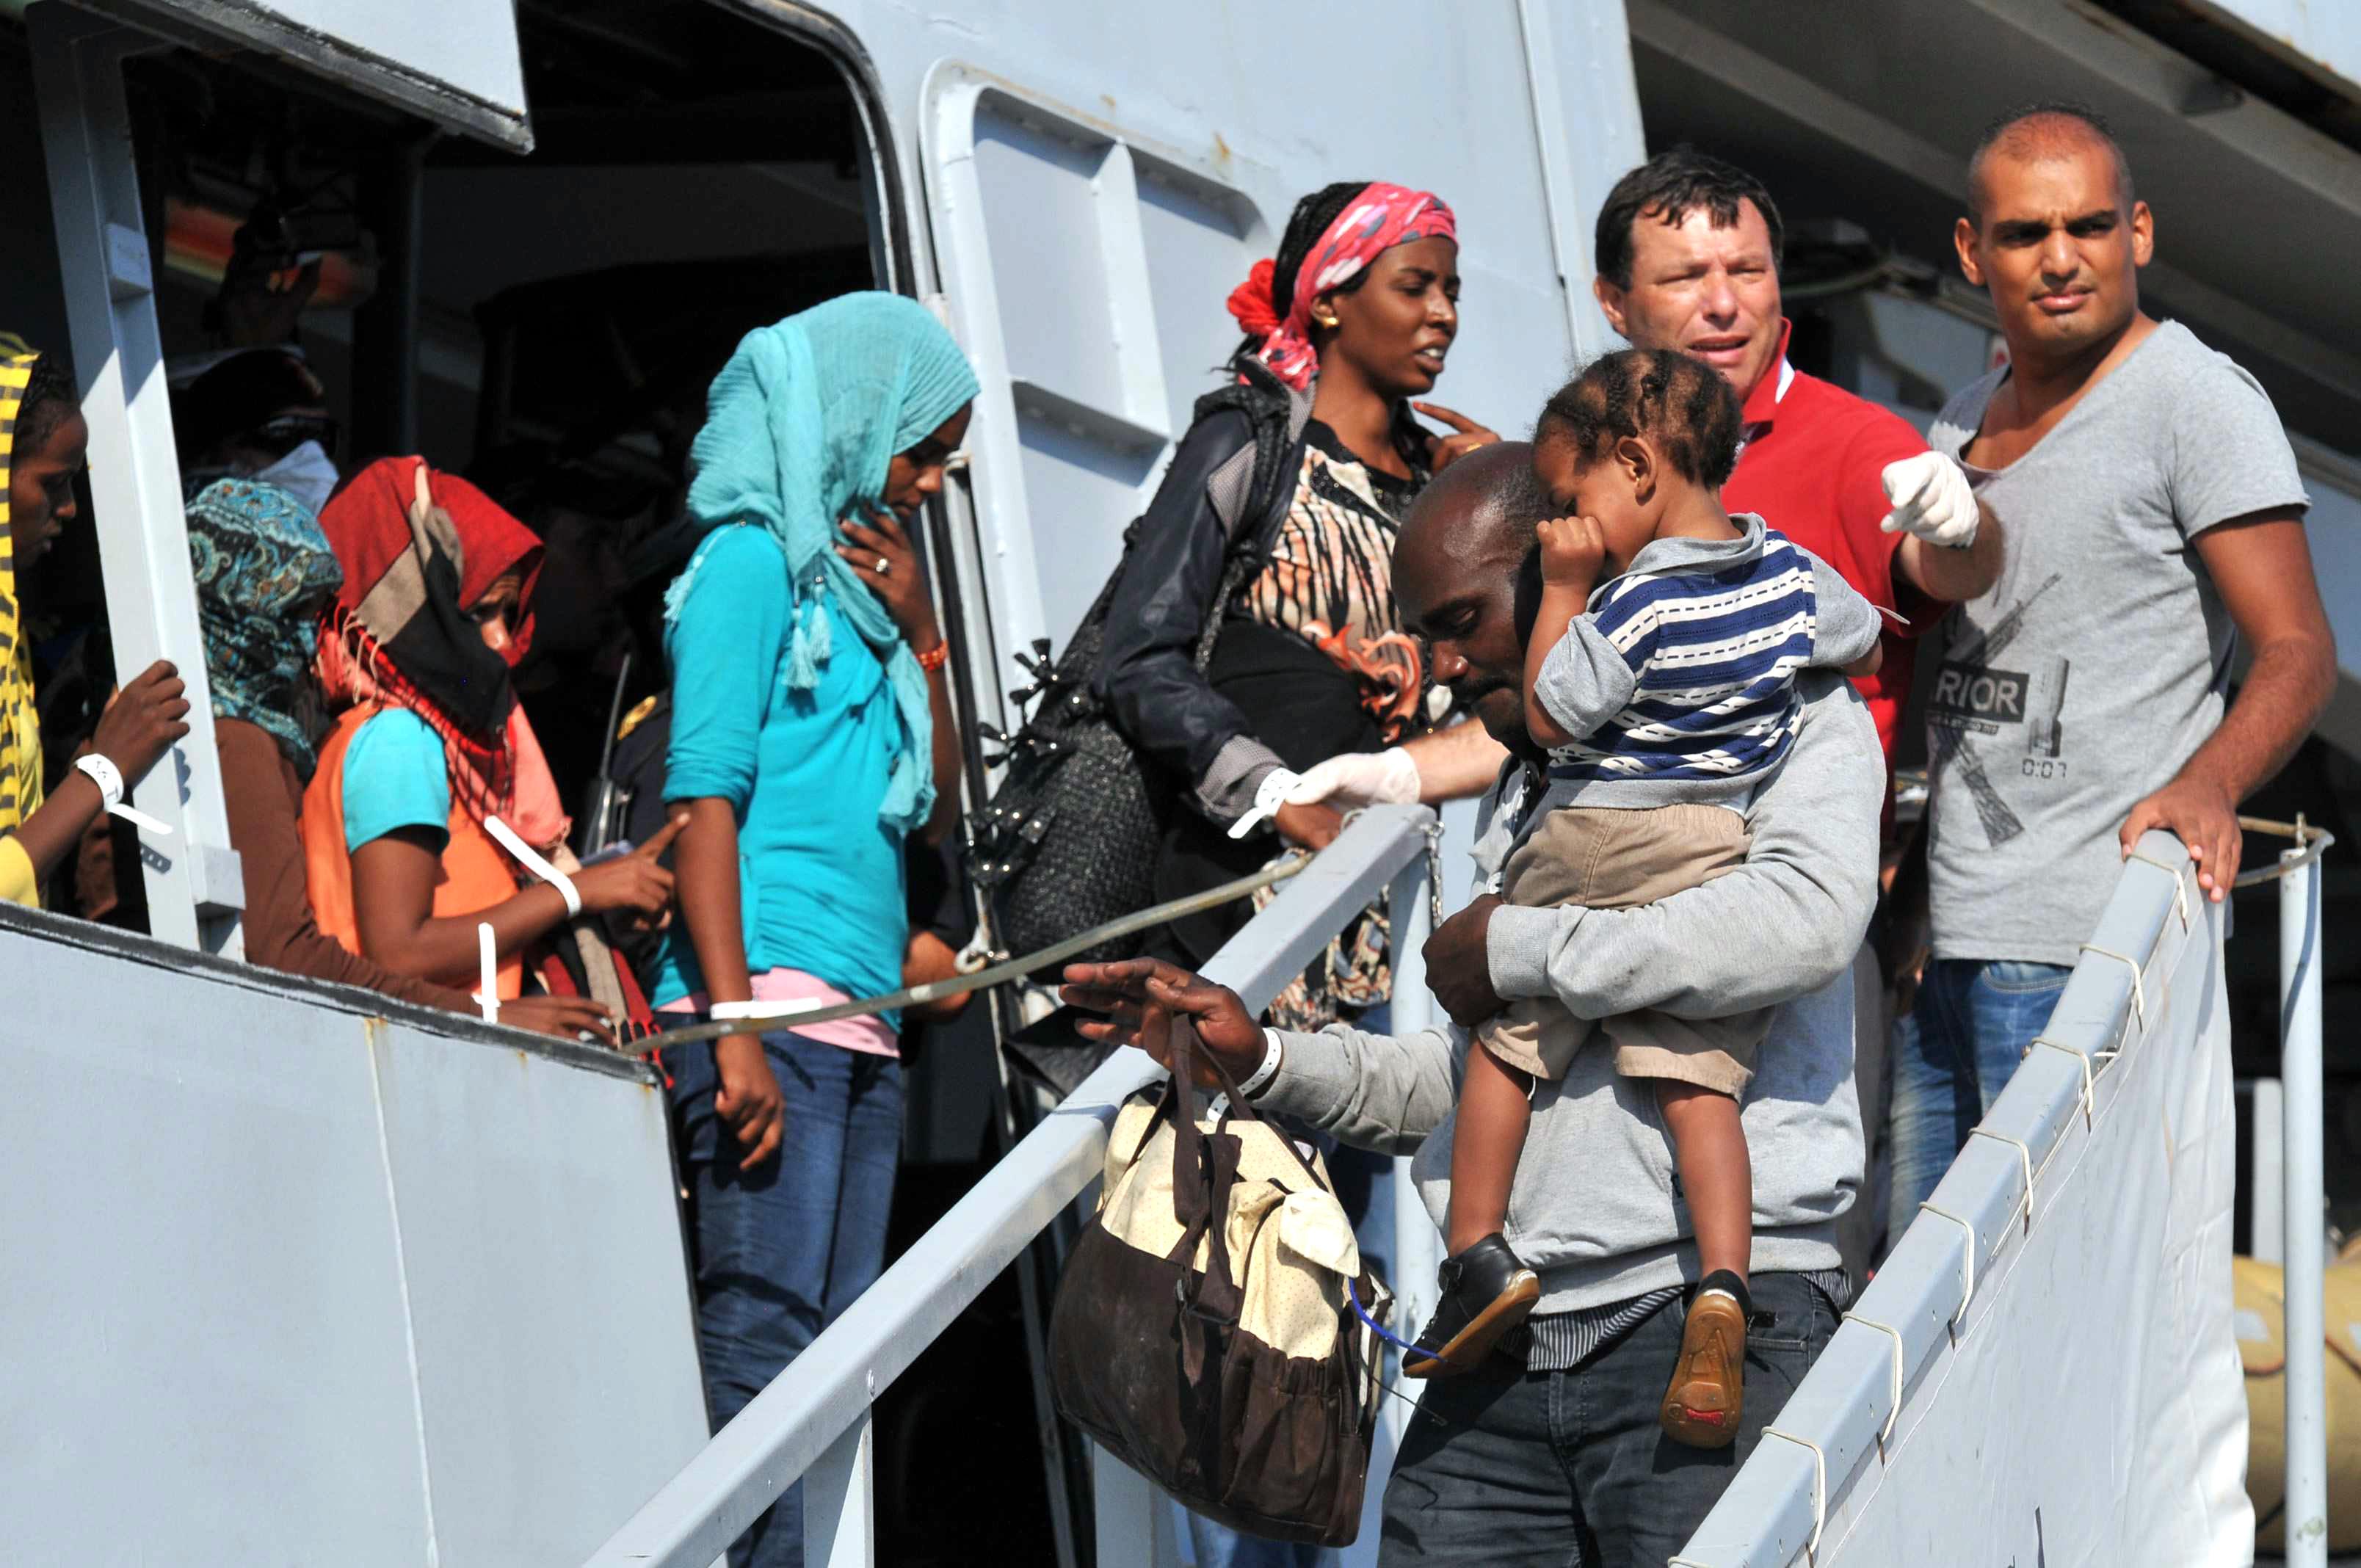 Immigrazione, salvataggio e accoglienza: teniamo i nervi saldi